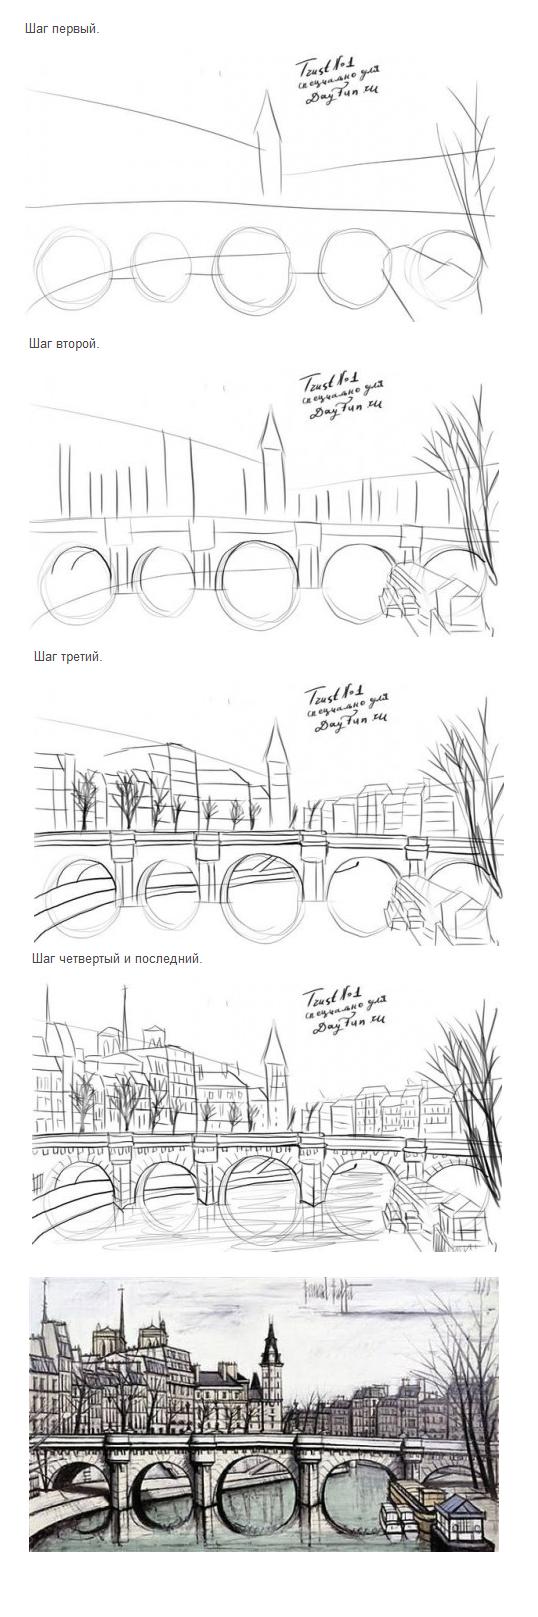 городской пейзаж рисунок карандашом 6 класс поэтапно - другие варианты на фото 5